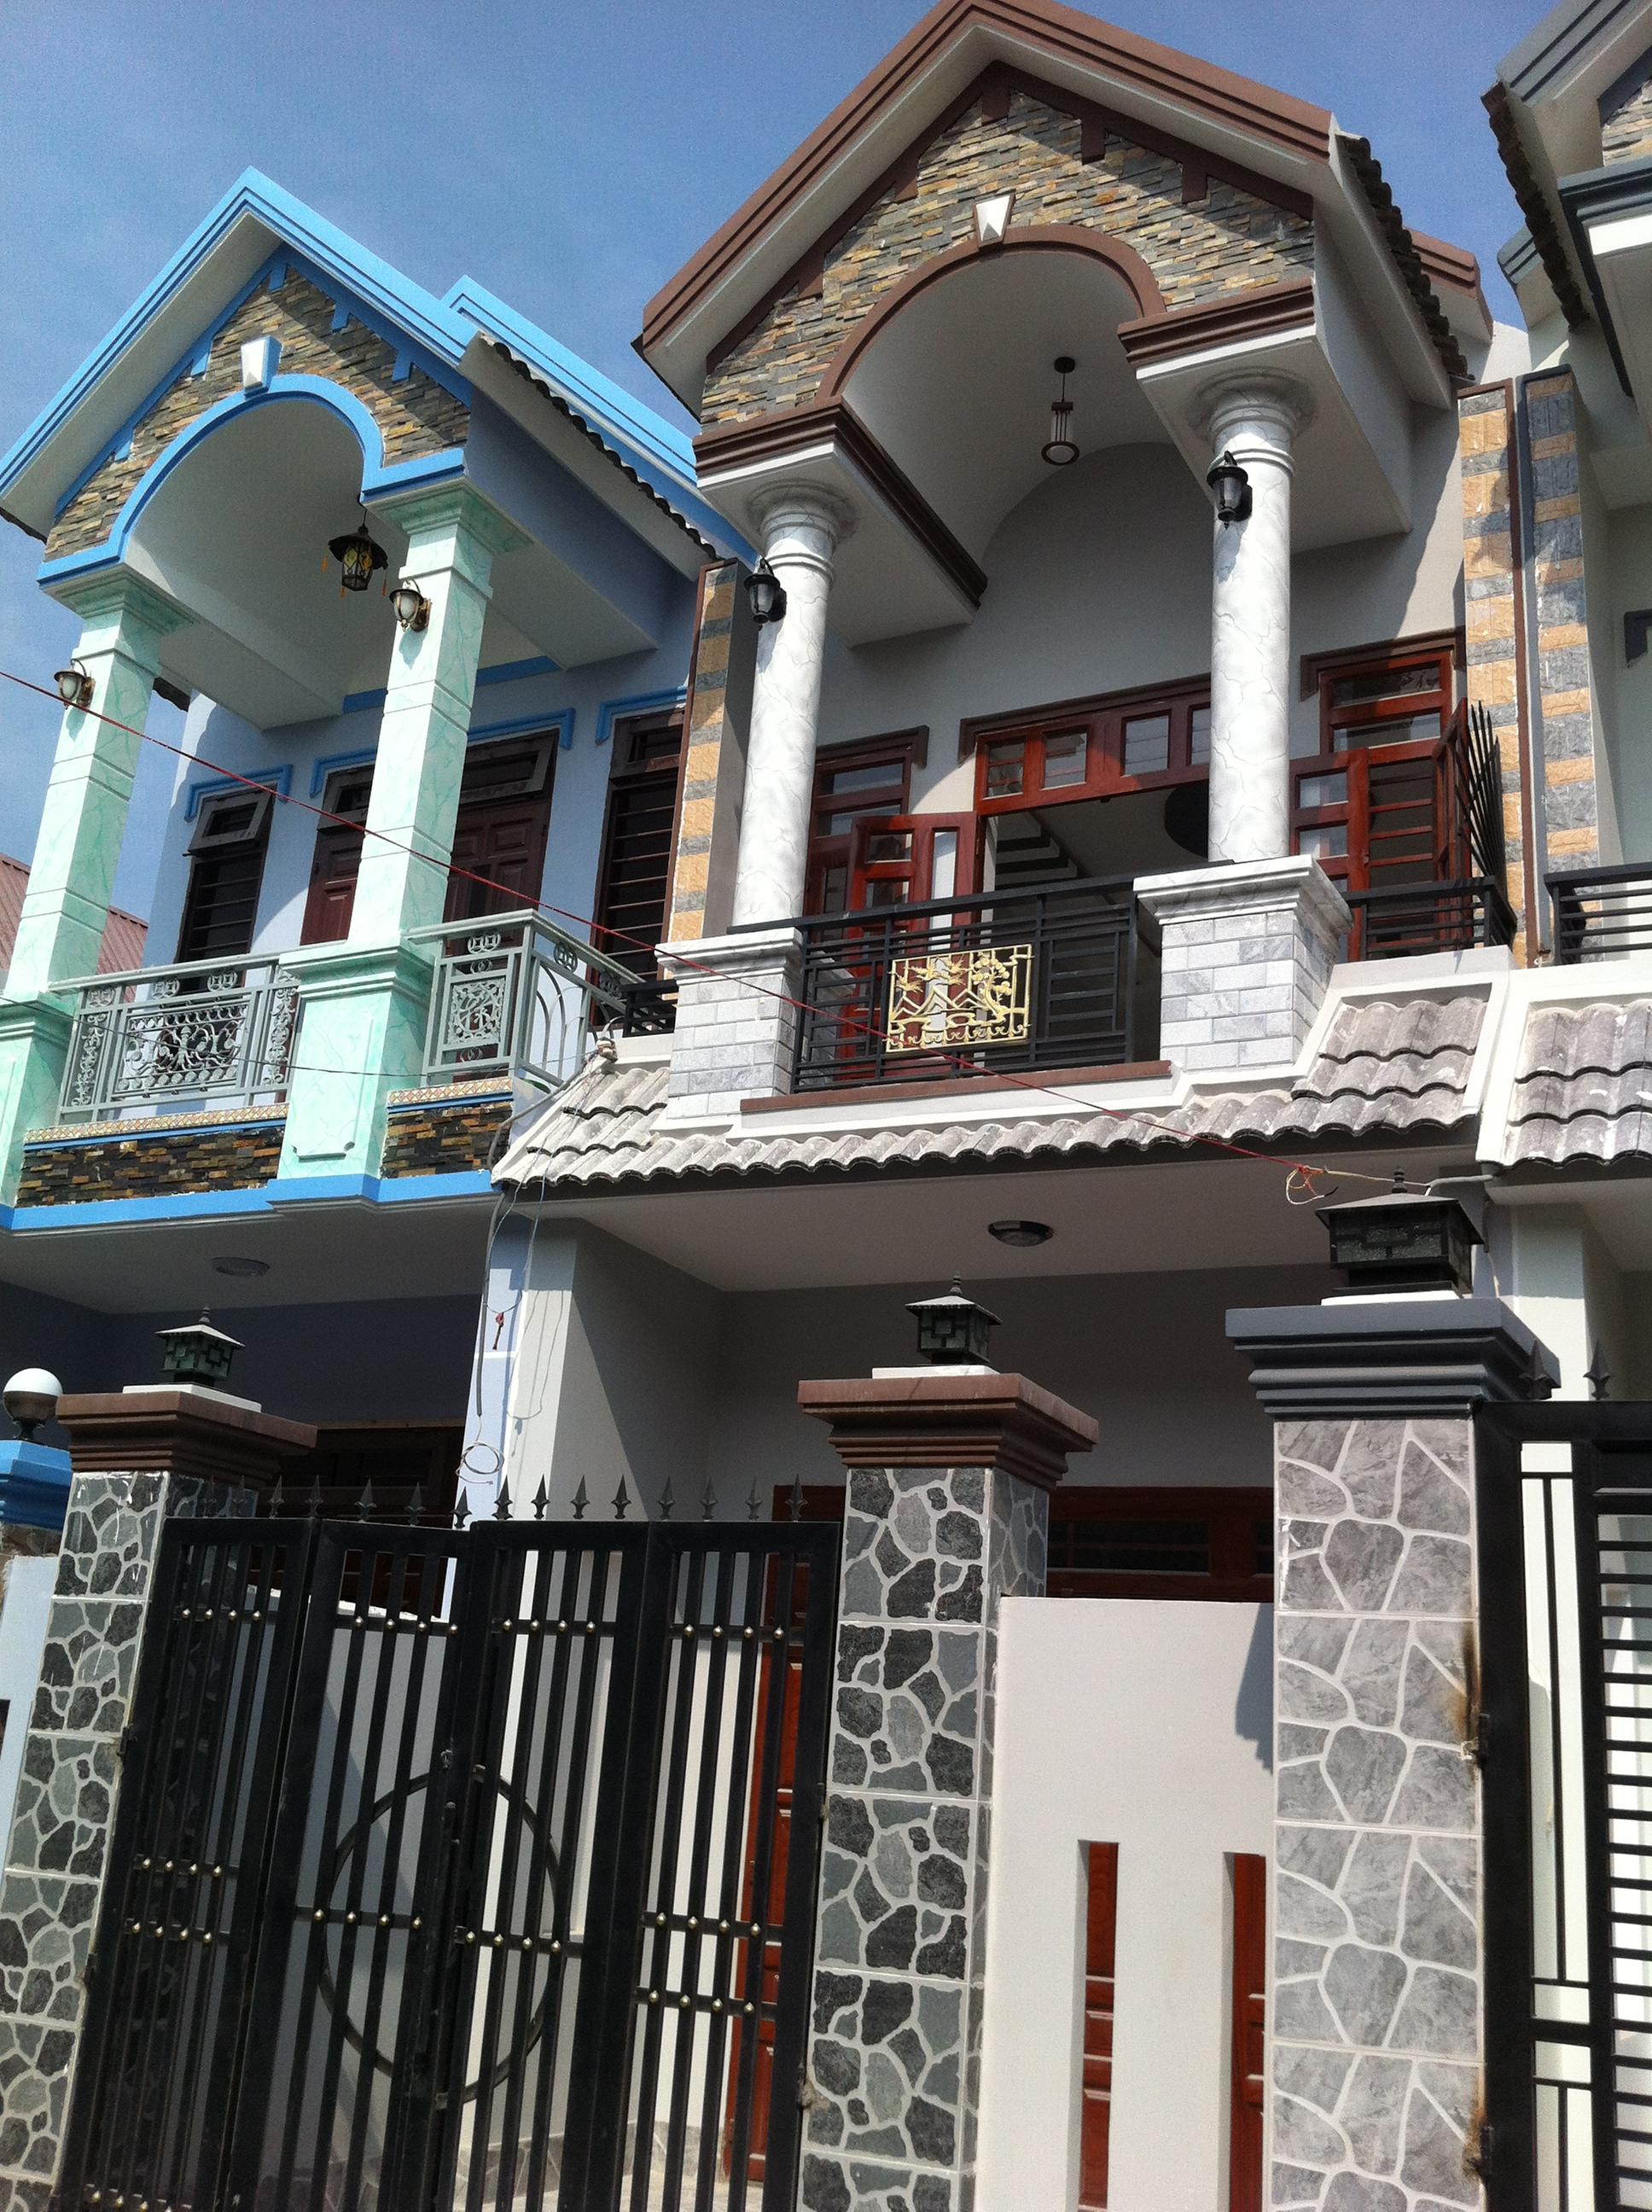 Phía trước căn nhà phố mới gần khu công nghiệp visip, Việtnam SINGAPORE